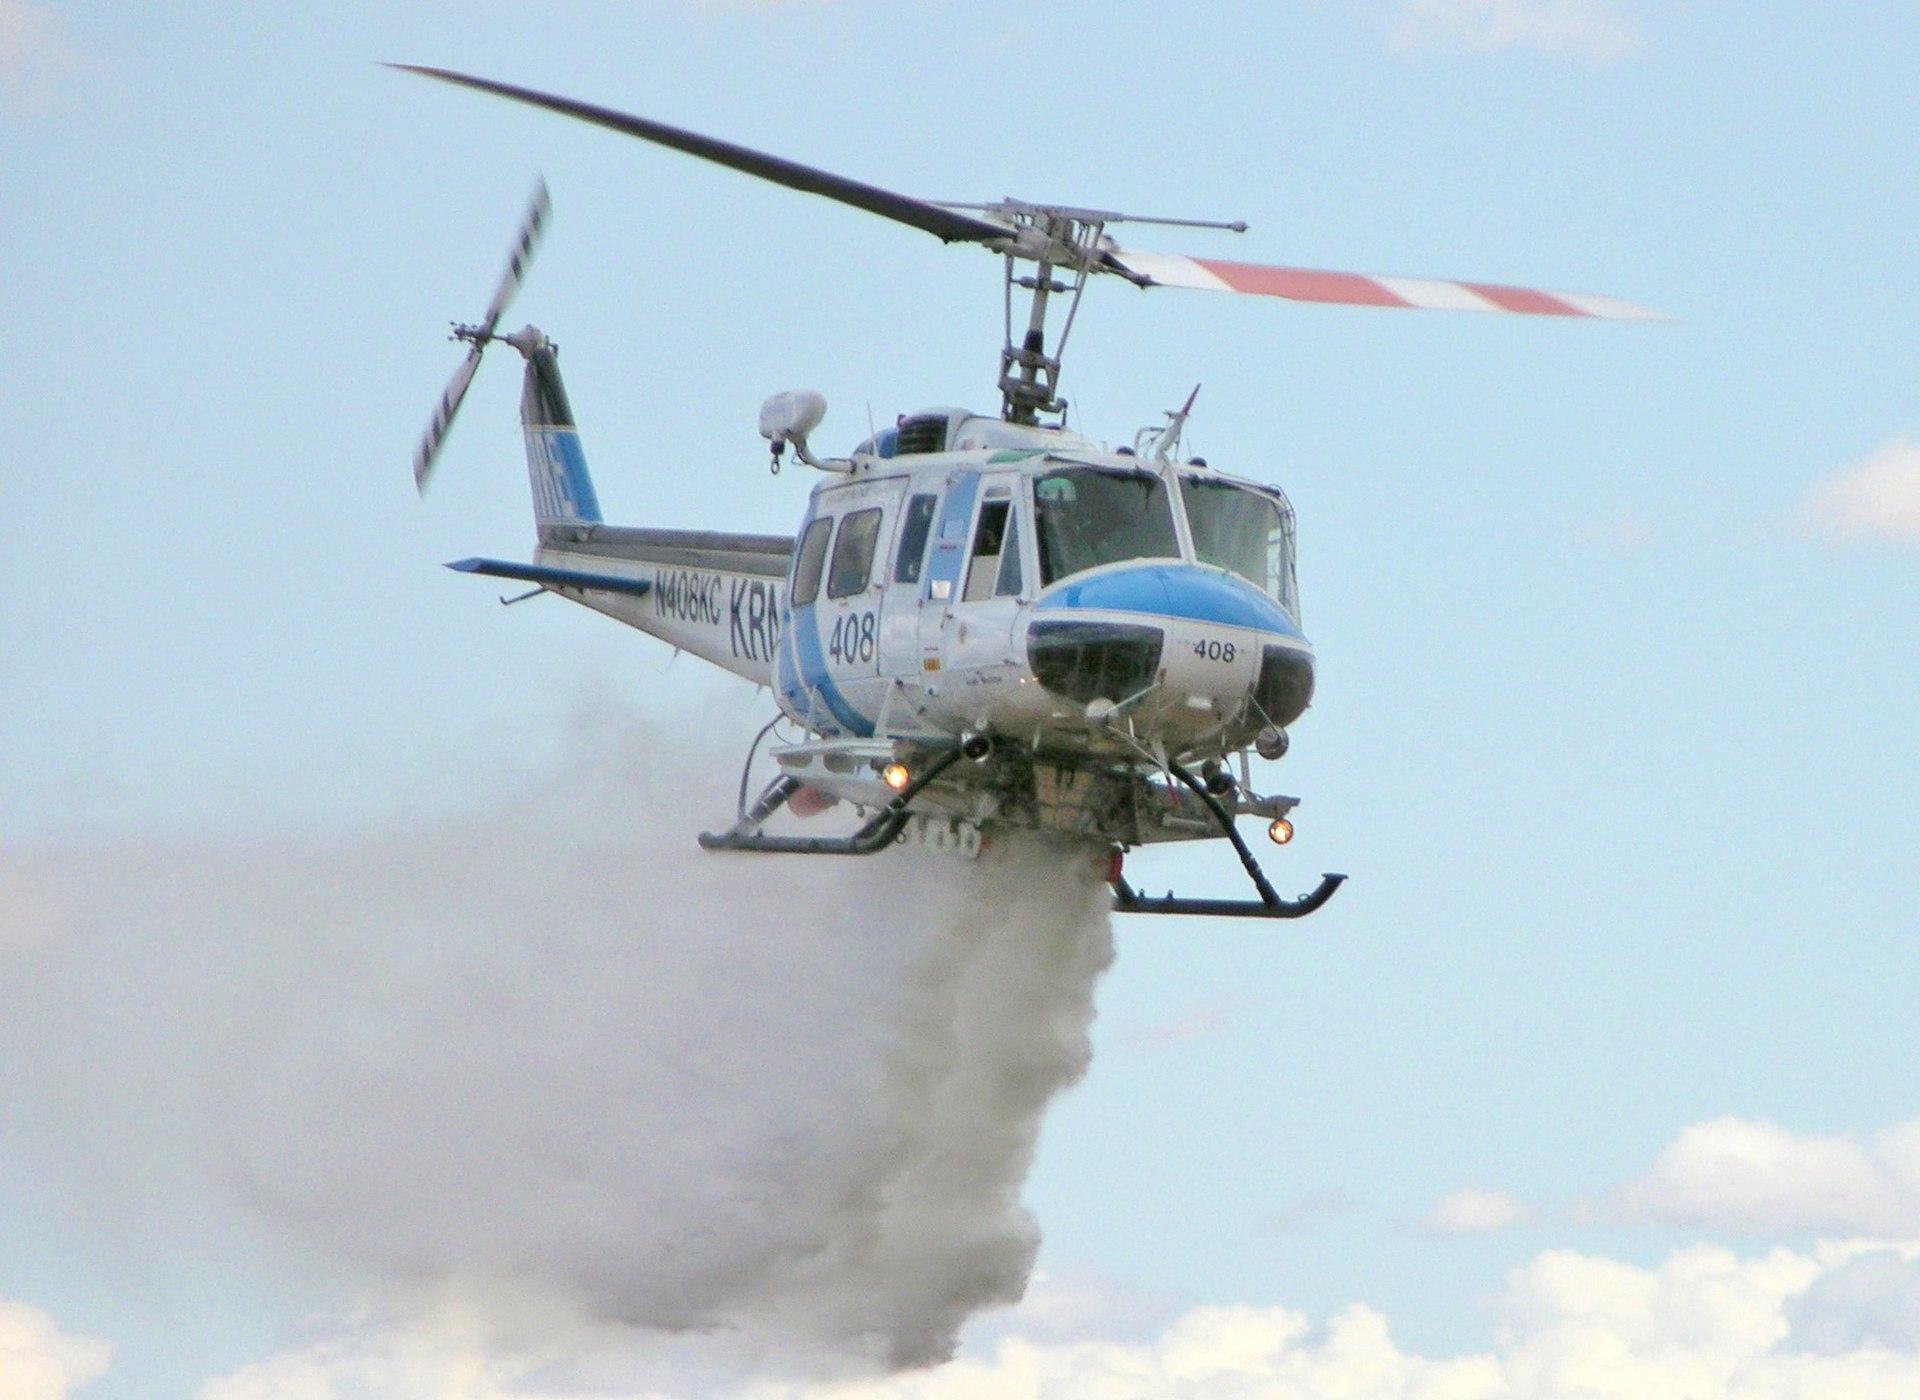 Elicottero Wikipedia : Elicottero antincendio wikipedia